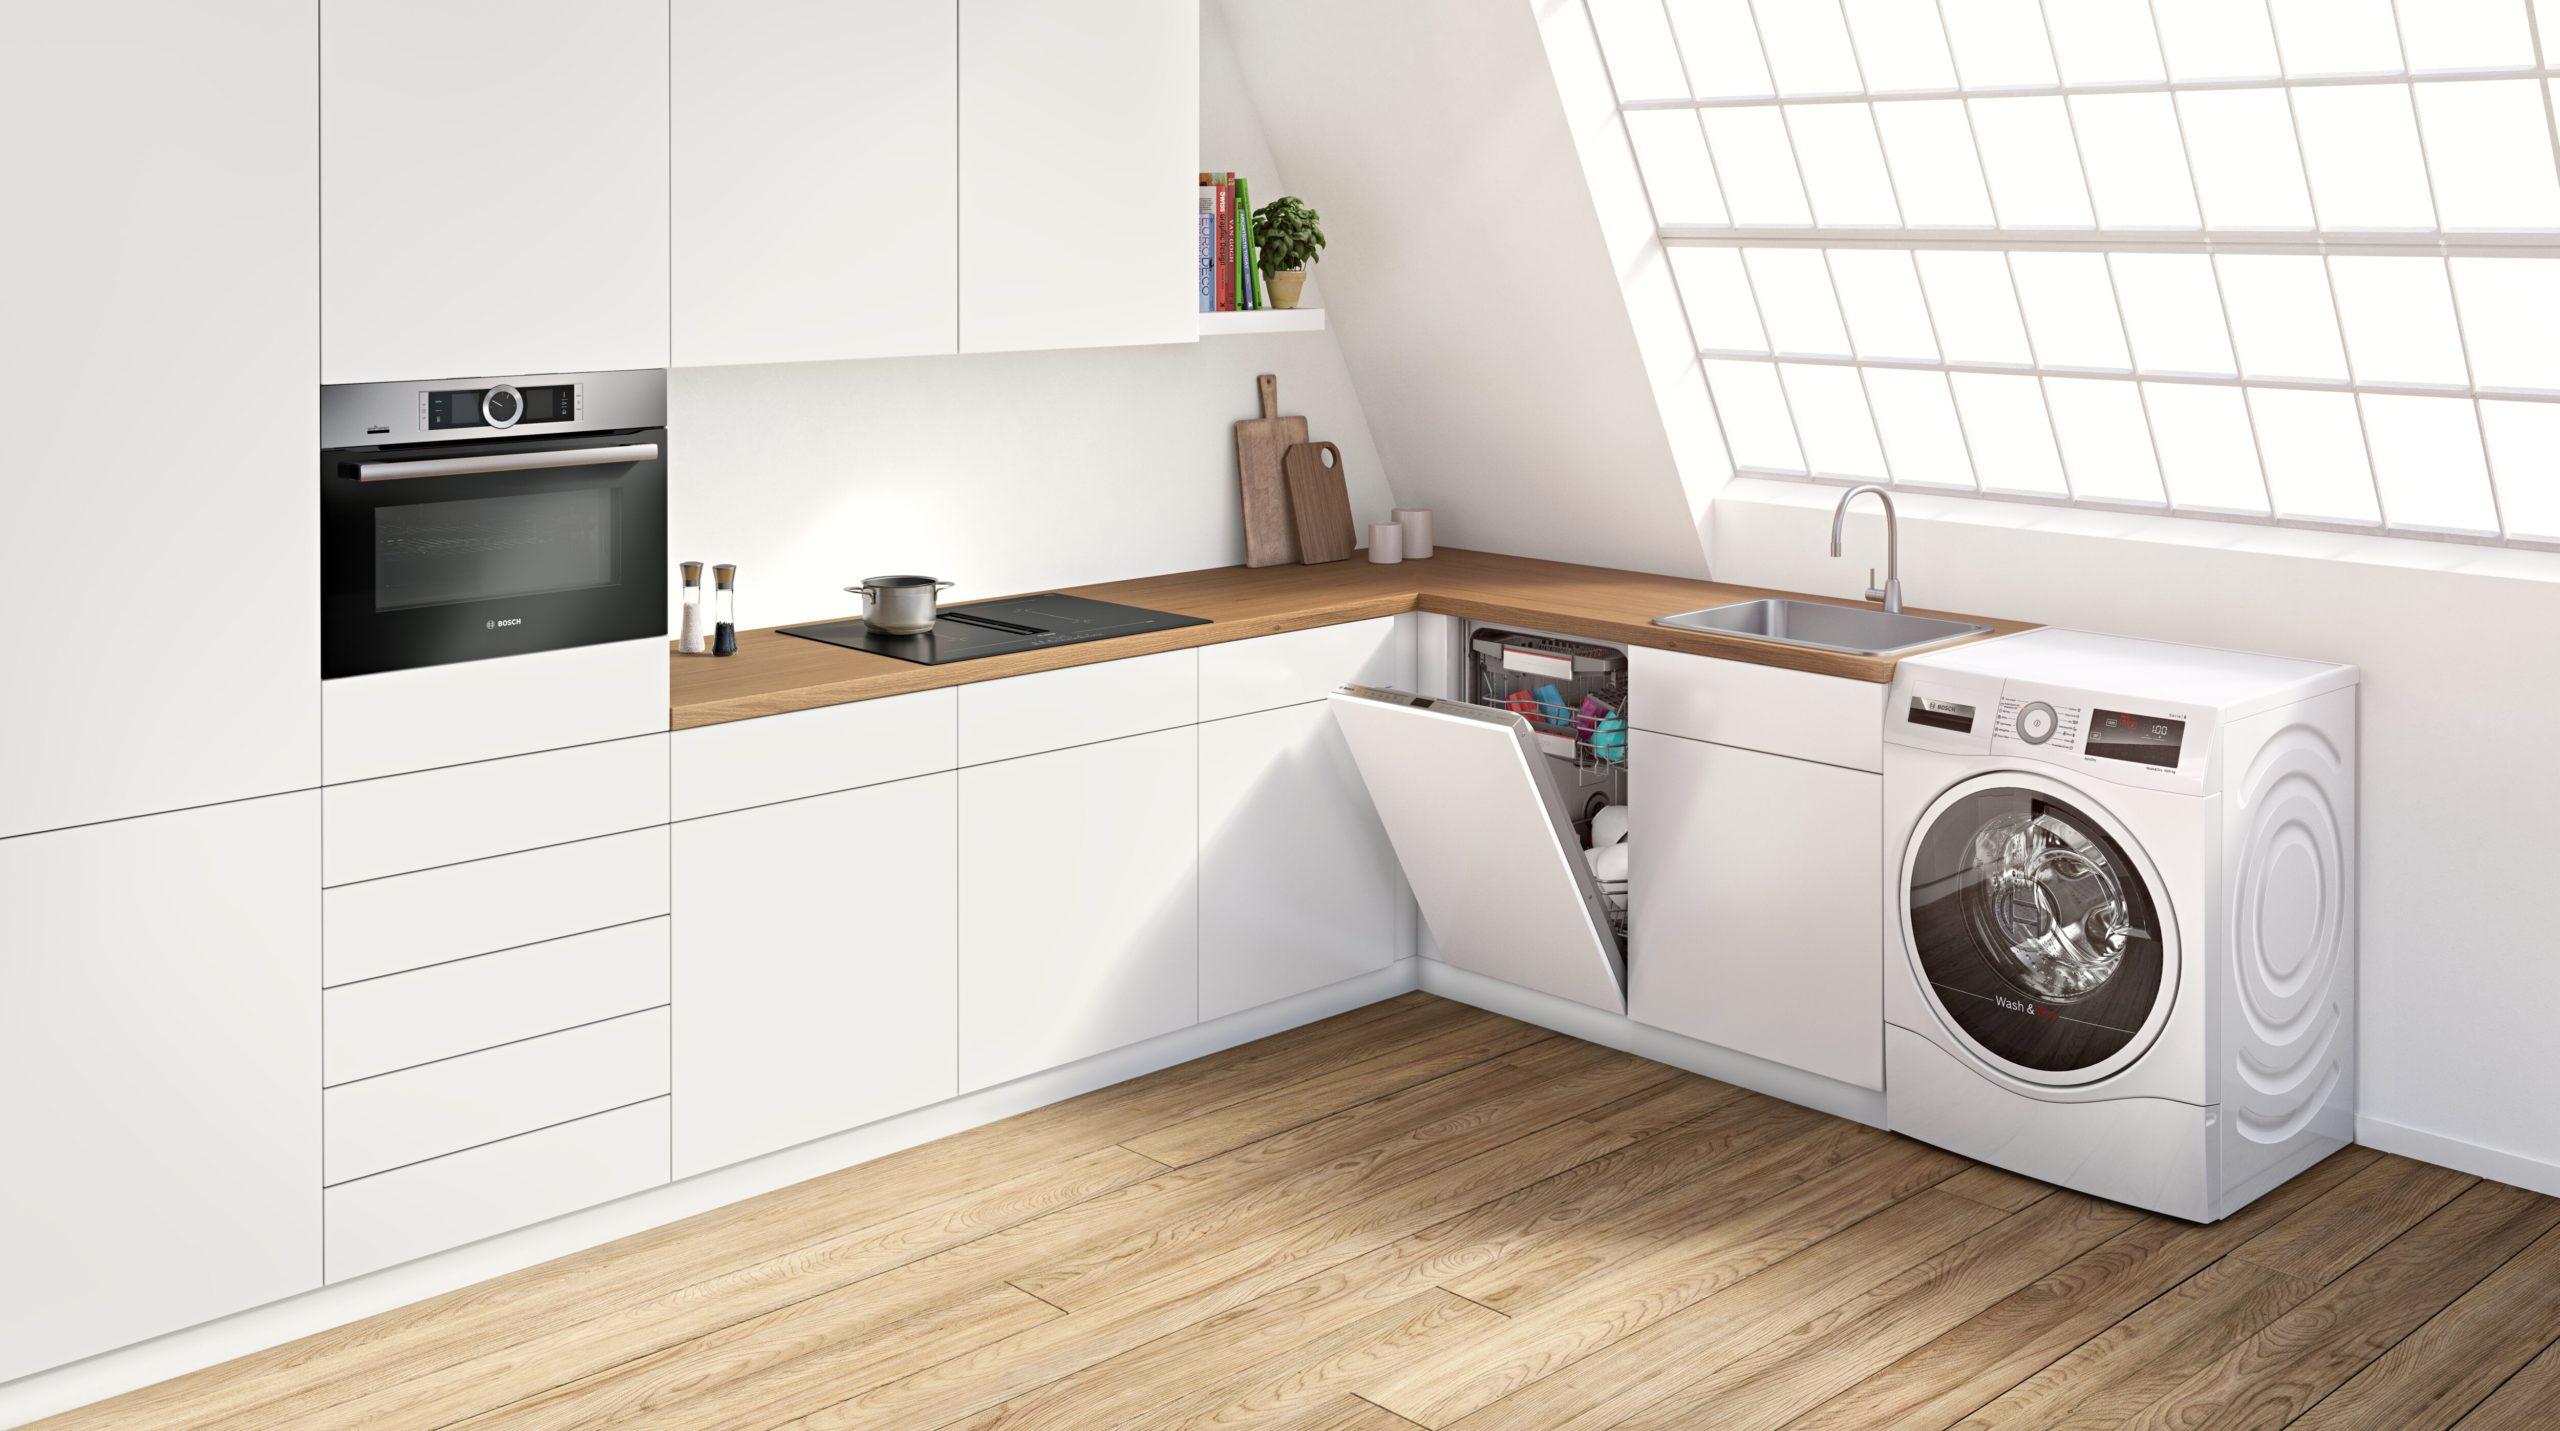 Washerdryer_kitchen_wd25_FINAL_WDU8H541EU